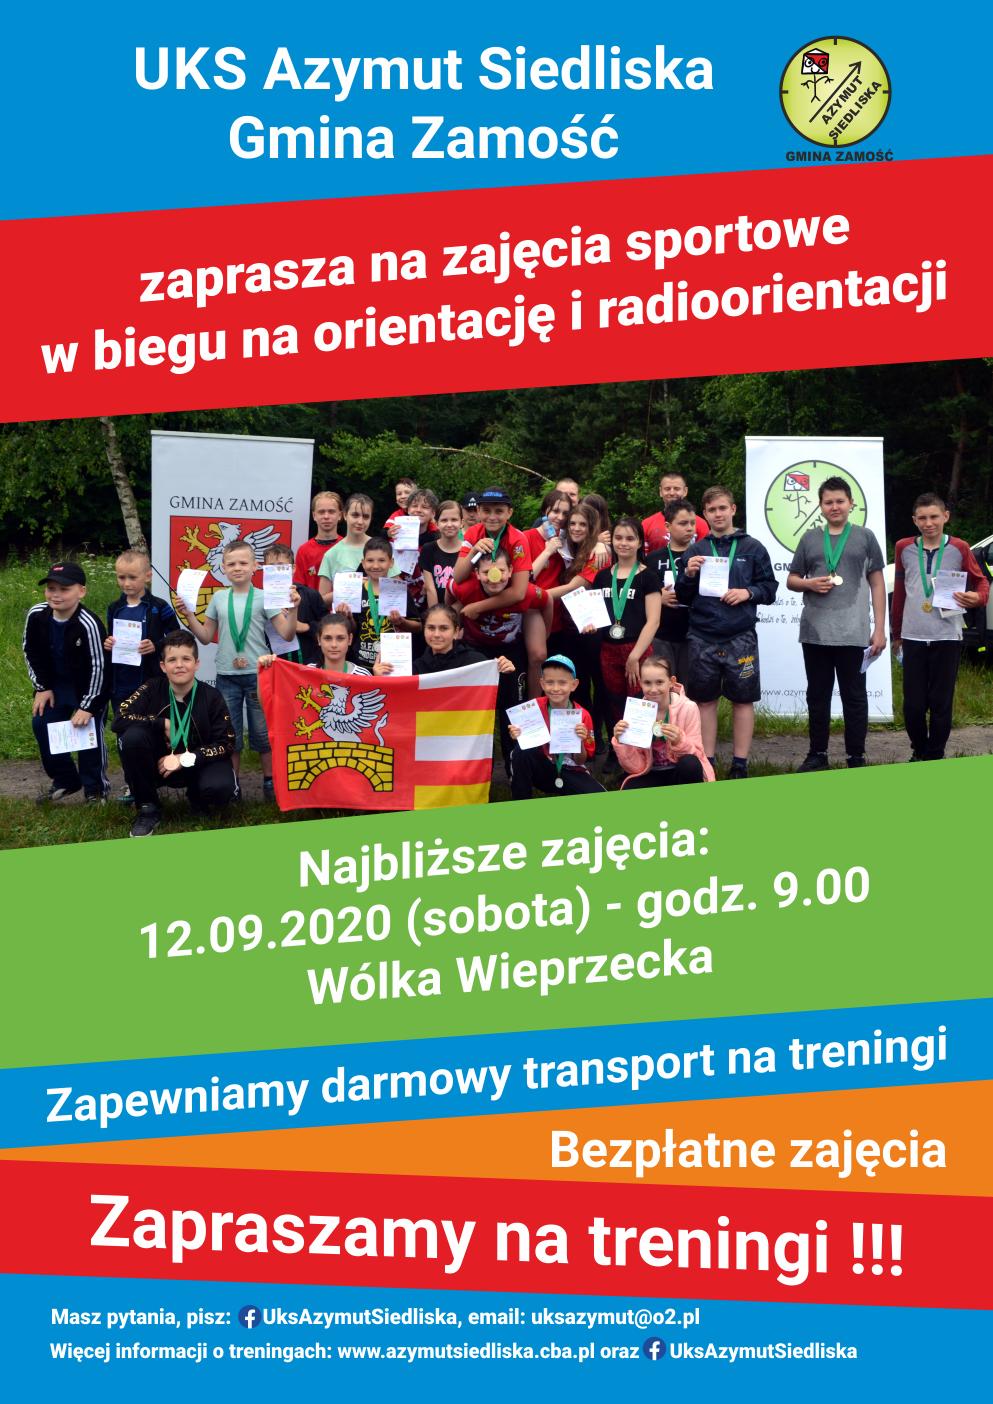 plakat 1 Zajęcia sportowe w biegu na orientację i radioorientację